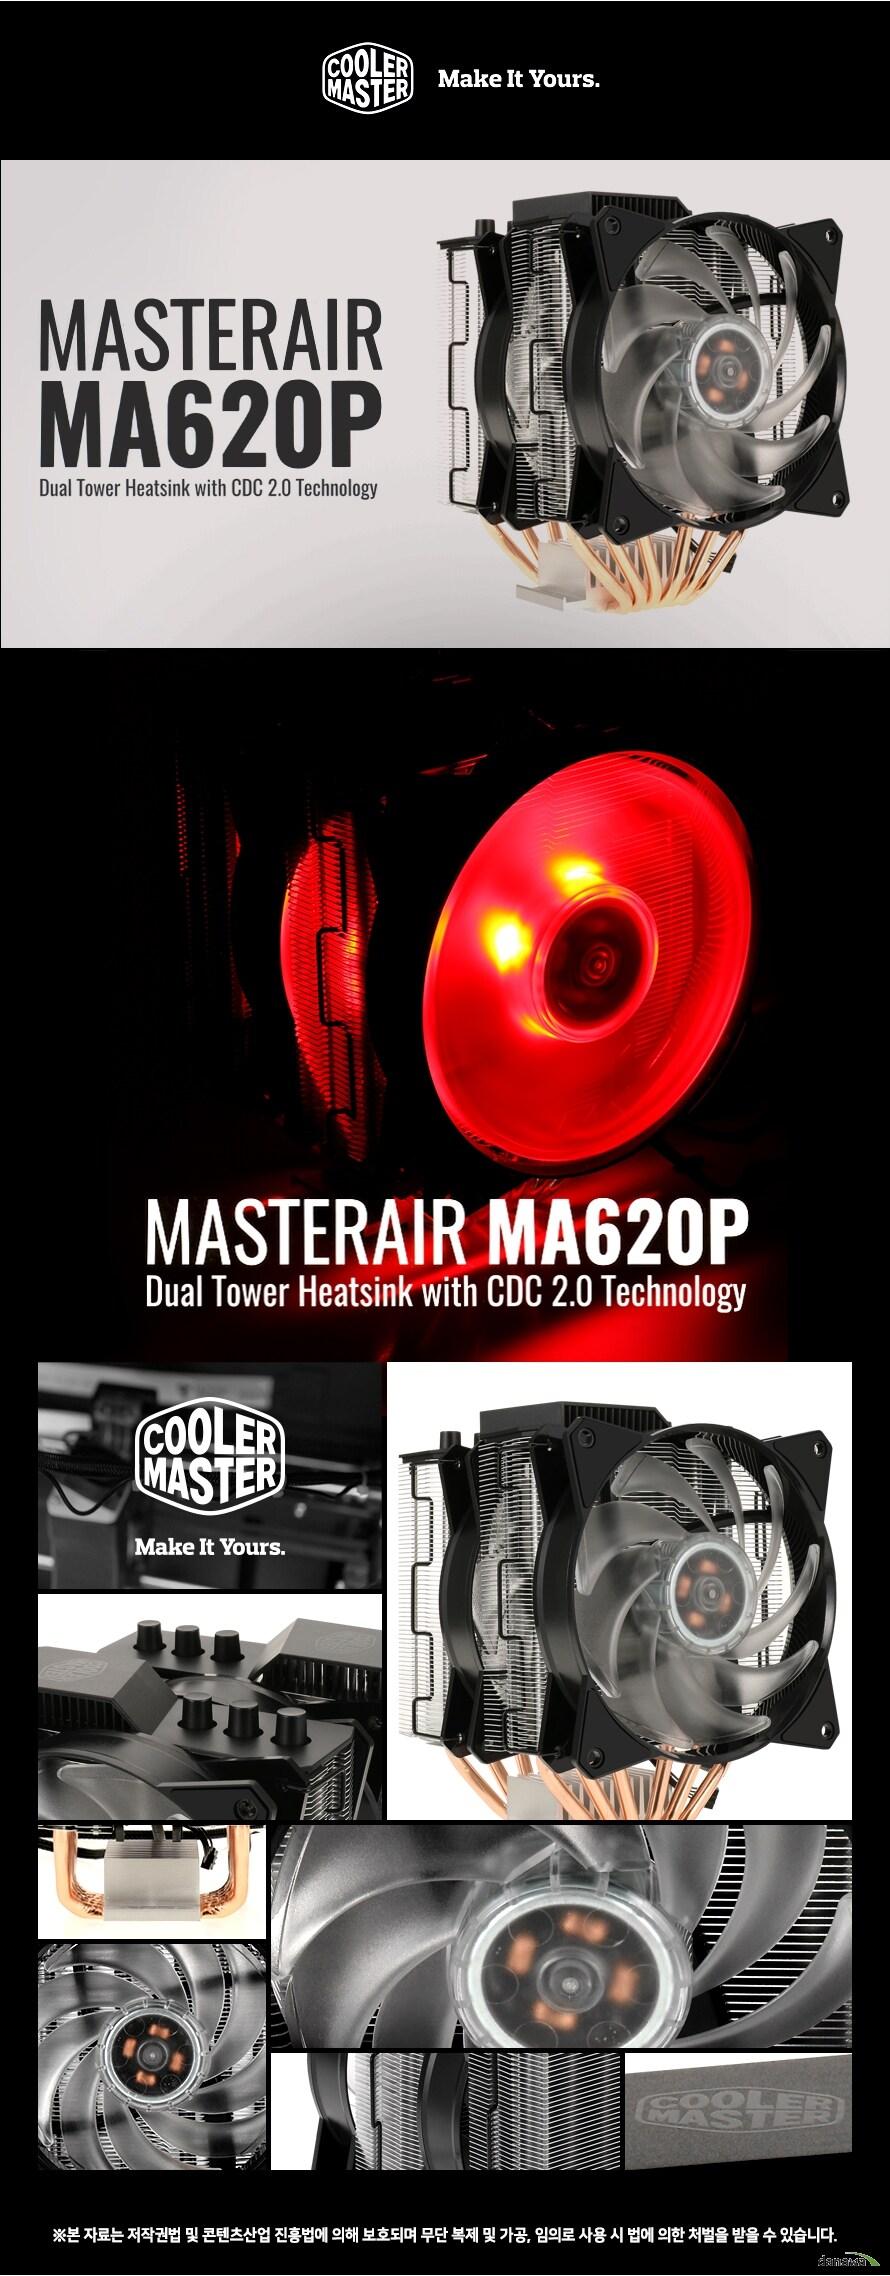 쿨러마스터 masterair ma620p    dual tower heatsink with cdc 2.0 technology